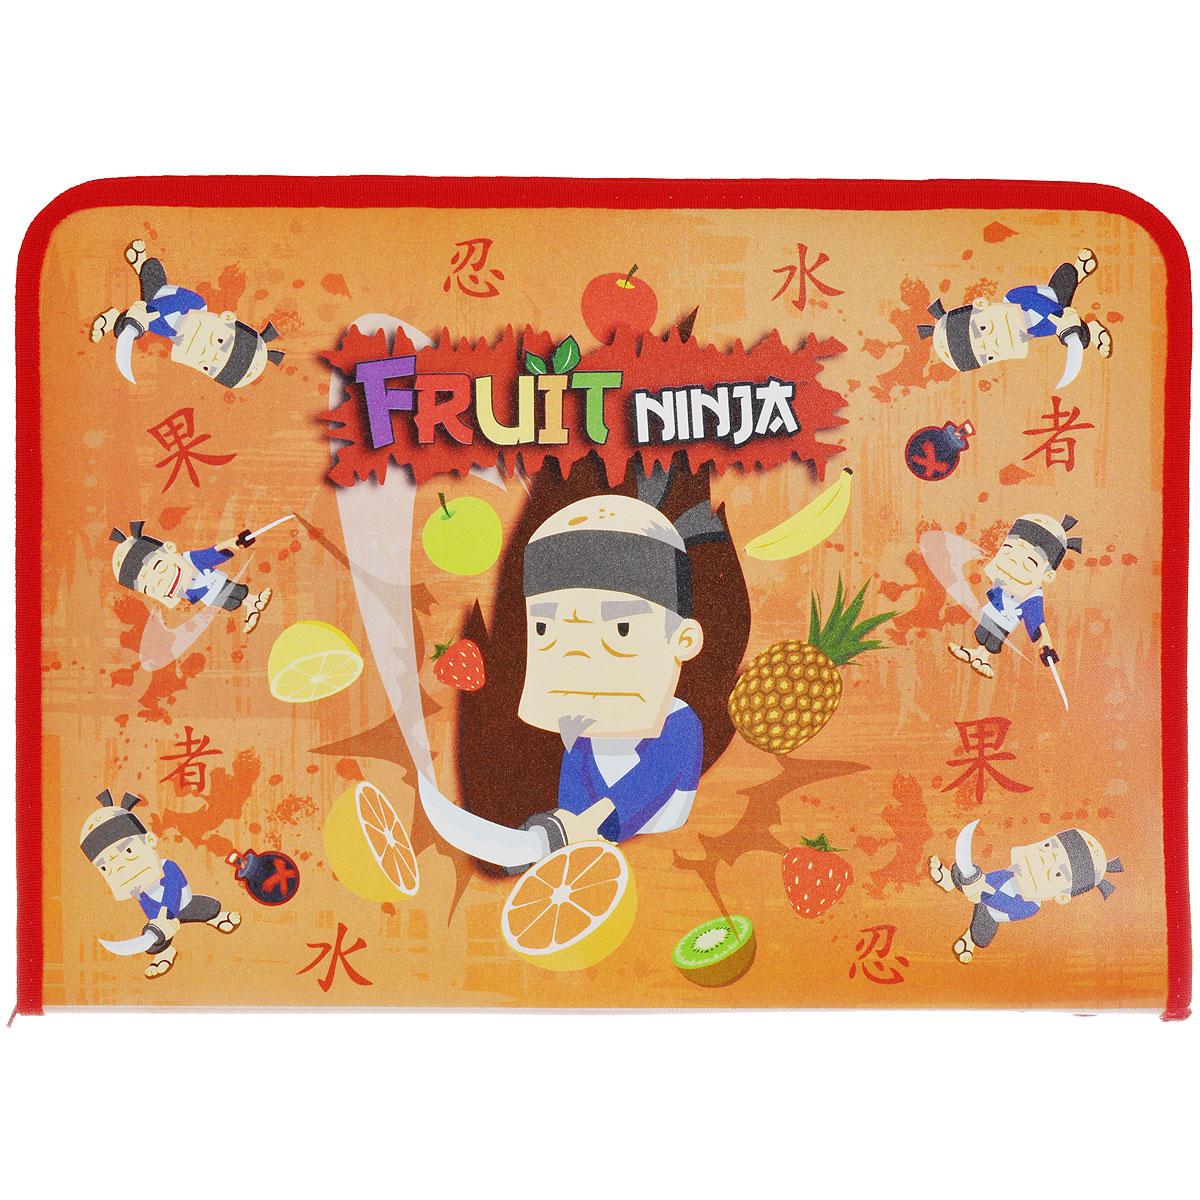 Папка для труда Action! Fruit Ninja, цвет: оранжевыйC37690/FN-FZA4-L оранжевыйПапка для труда Action! Fruit Ninja предназначена для хранения тетрадей, рисунков и прочих бумаг, а также ручек, карандашей, ластиков и точилок. Папка оформлена изображением Фруктового Ниндзя. Внутри находится одно большое отделение с вкладышем, содержащим 11 фиксаторов для школьных принадлежностей. Закрывается папка на застежку-молнию. Яркая и удобная, такая папка непременно понравится вашему ребенку.